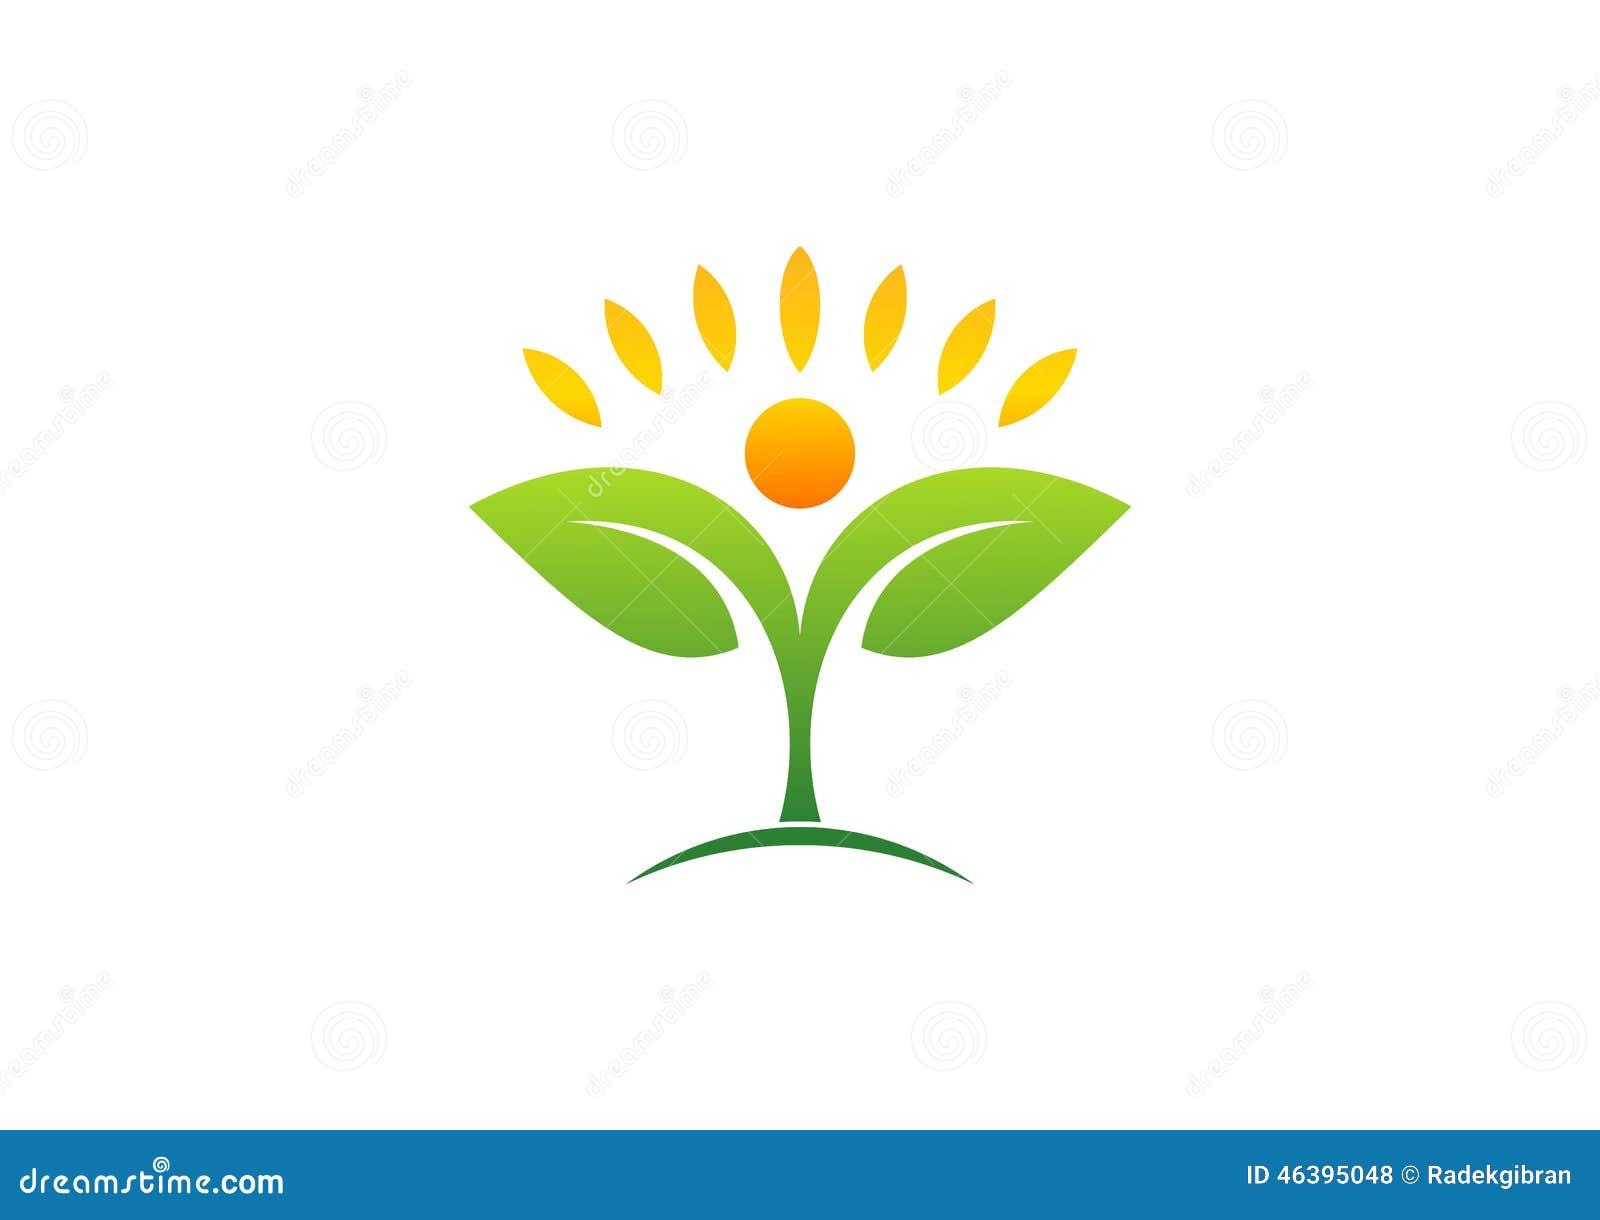 Planta, povos, natural, logotipo, saúde, sol, folha, Botânica, ecologia, símbolo e ícone